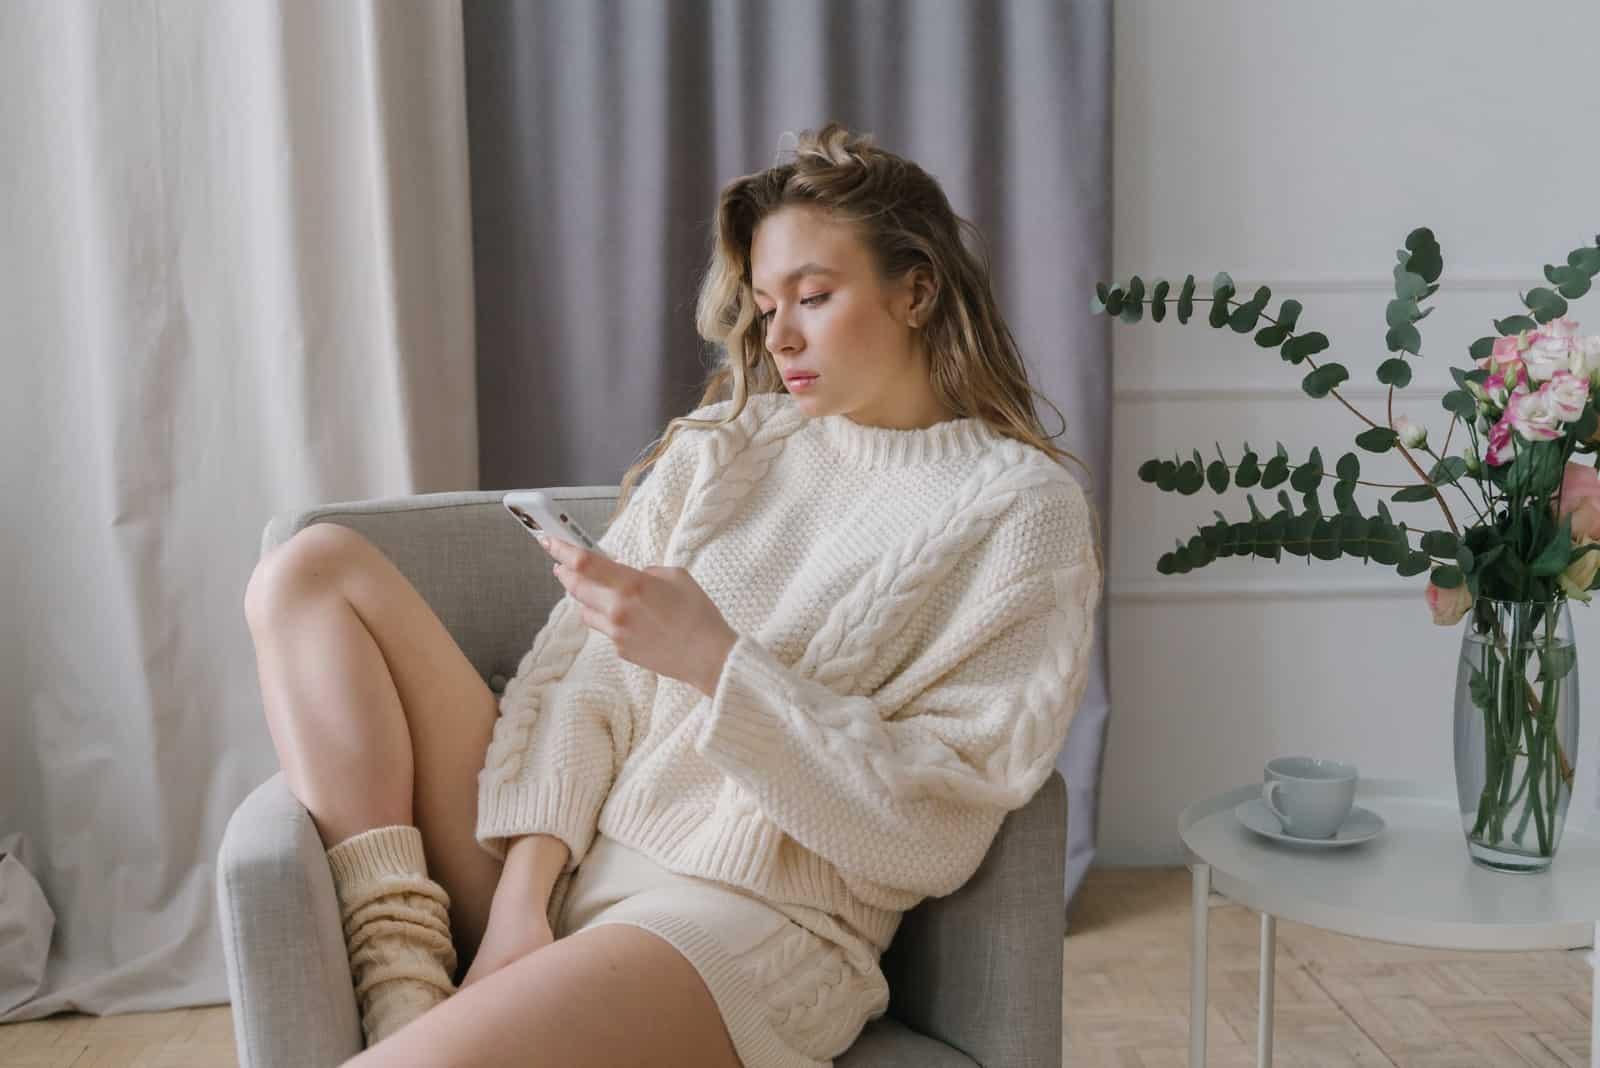 Une femme utilise un smartphone alors qu'elle est assise sur un fauteuil gris